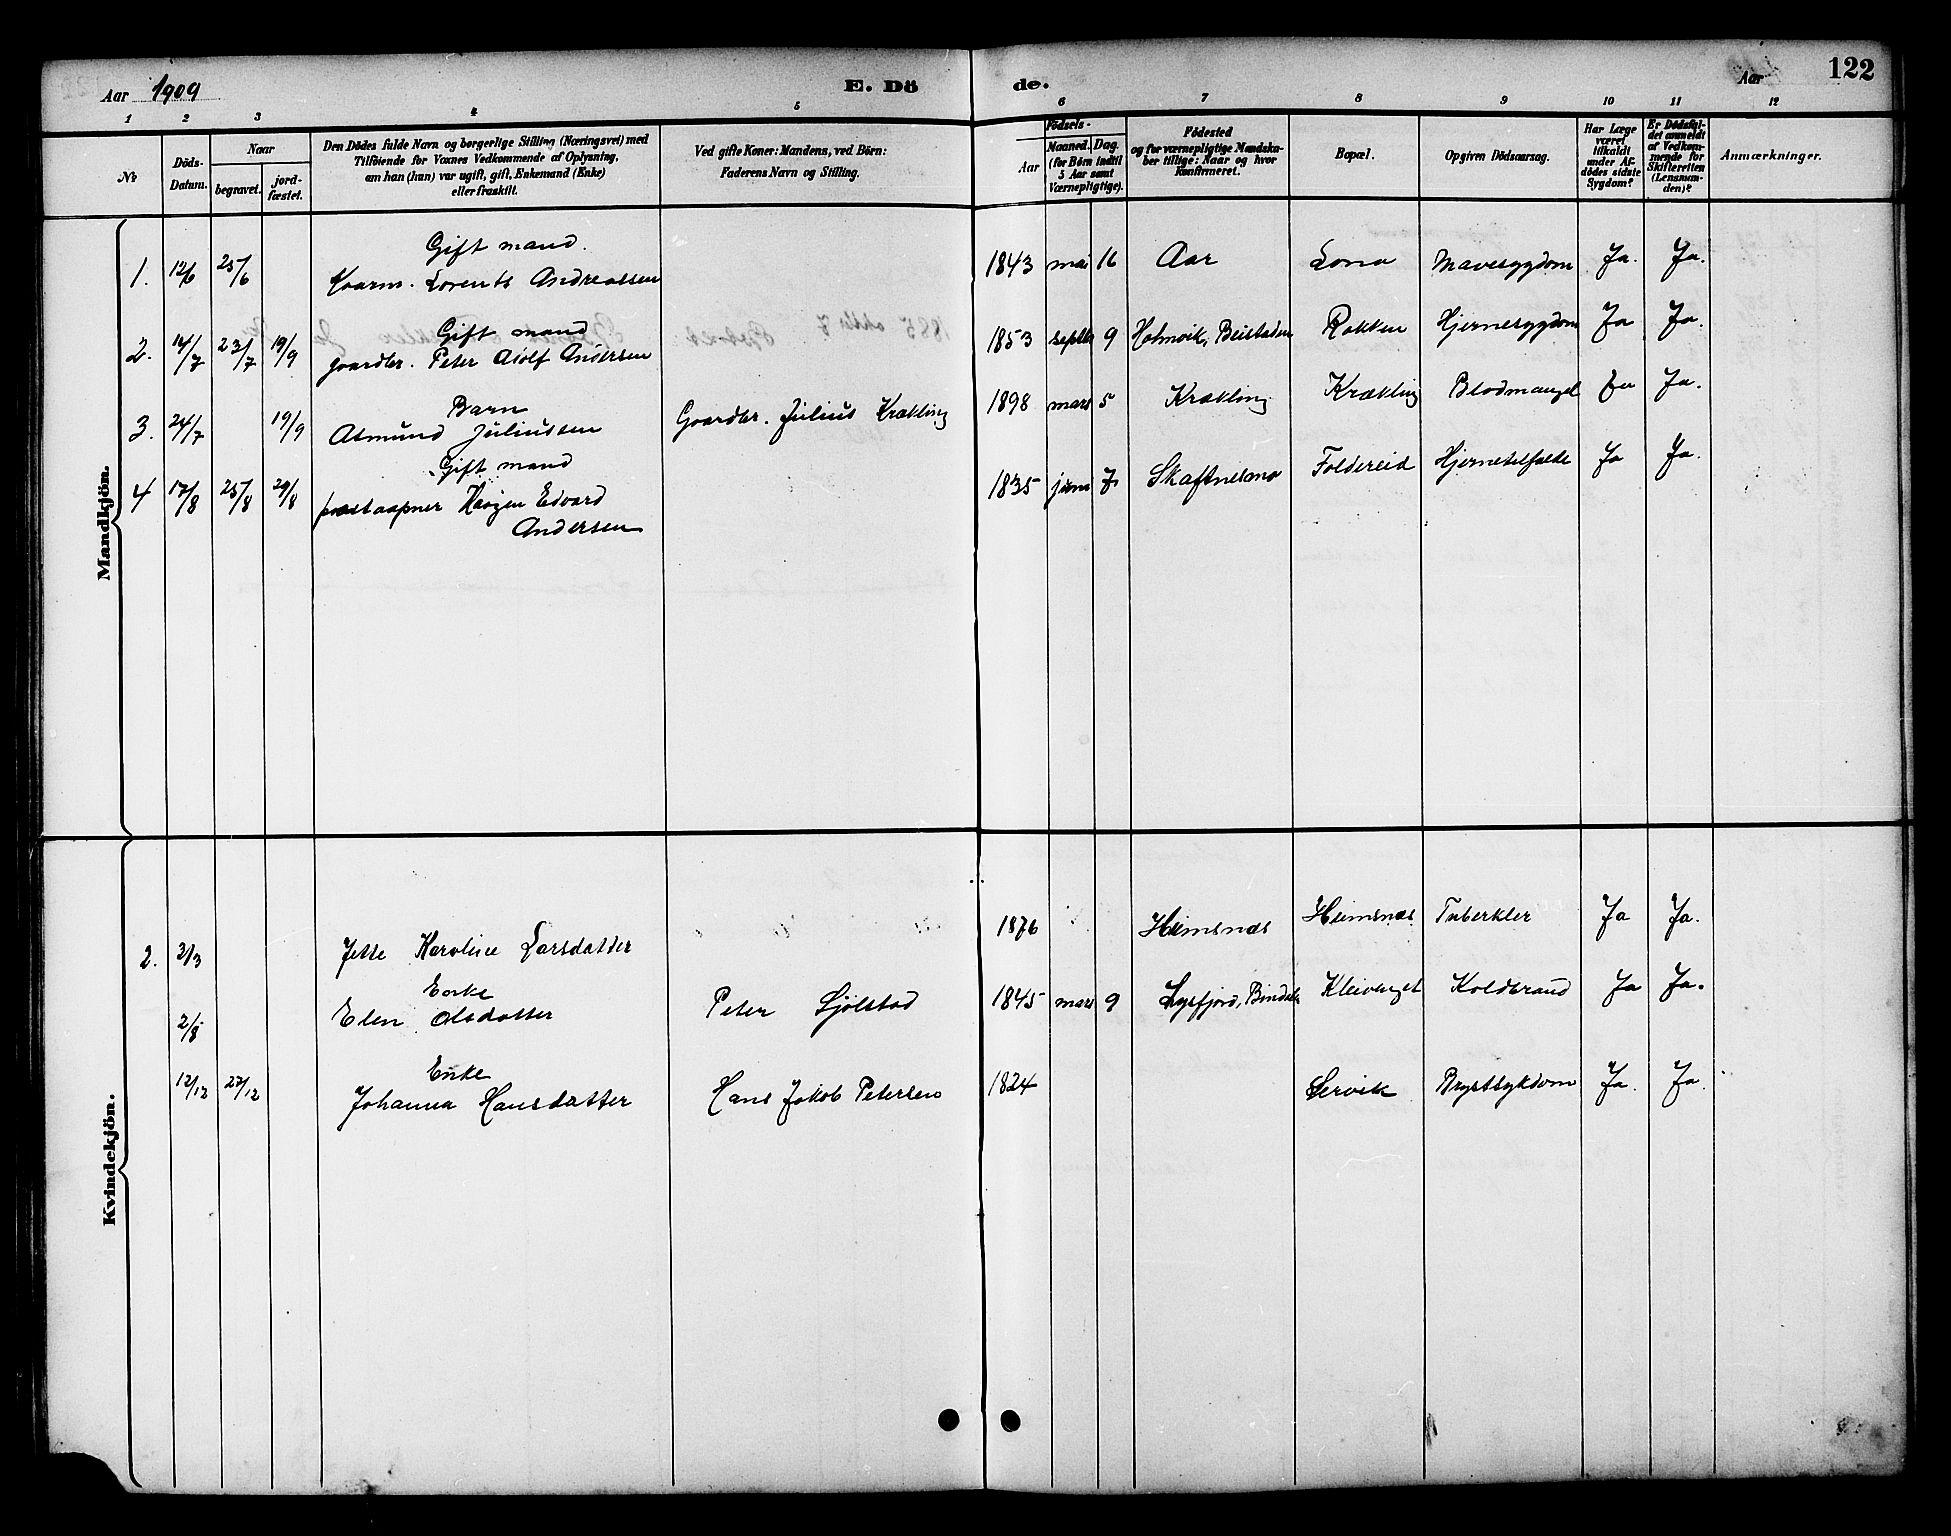 SAT, Ministerialprotokoller, klokkerbøker og fødselsregistre - Nord-Trøndelag, 783/L0662: Klokkerbok nr. 783C02, 1894-1919, s. 122